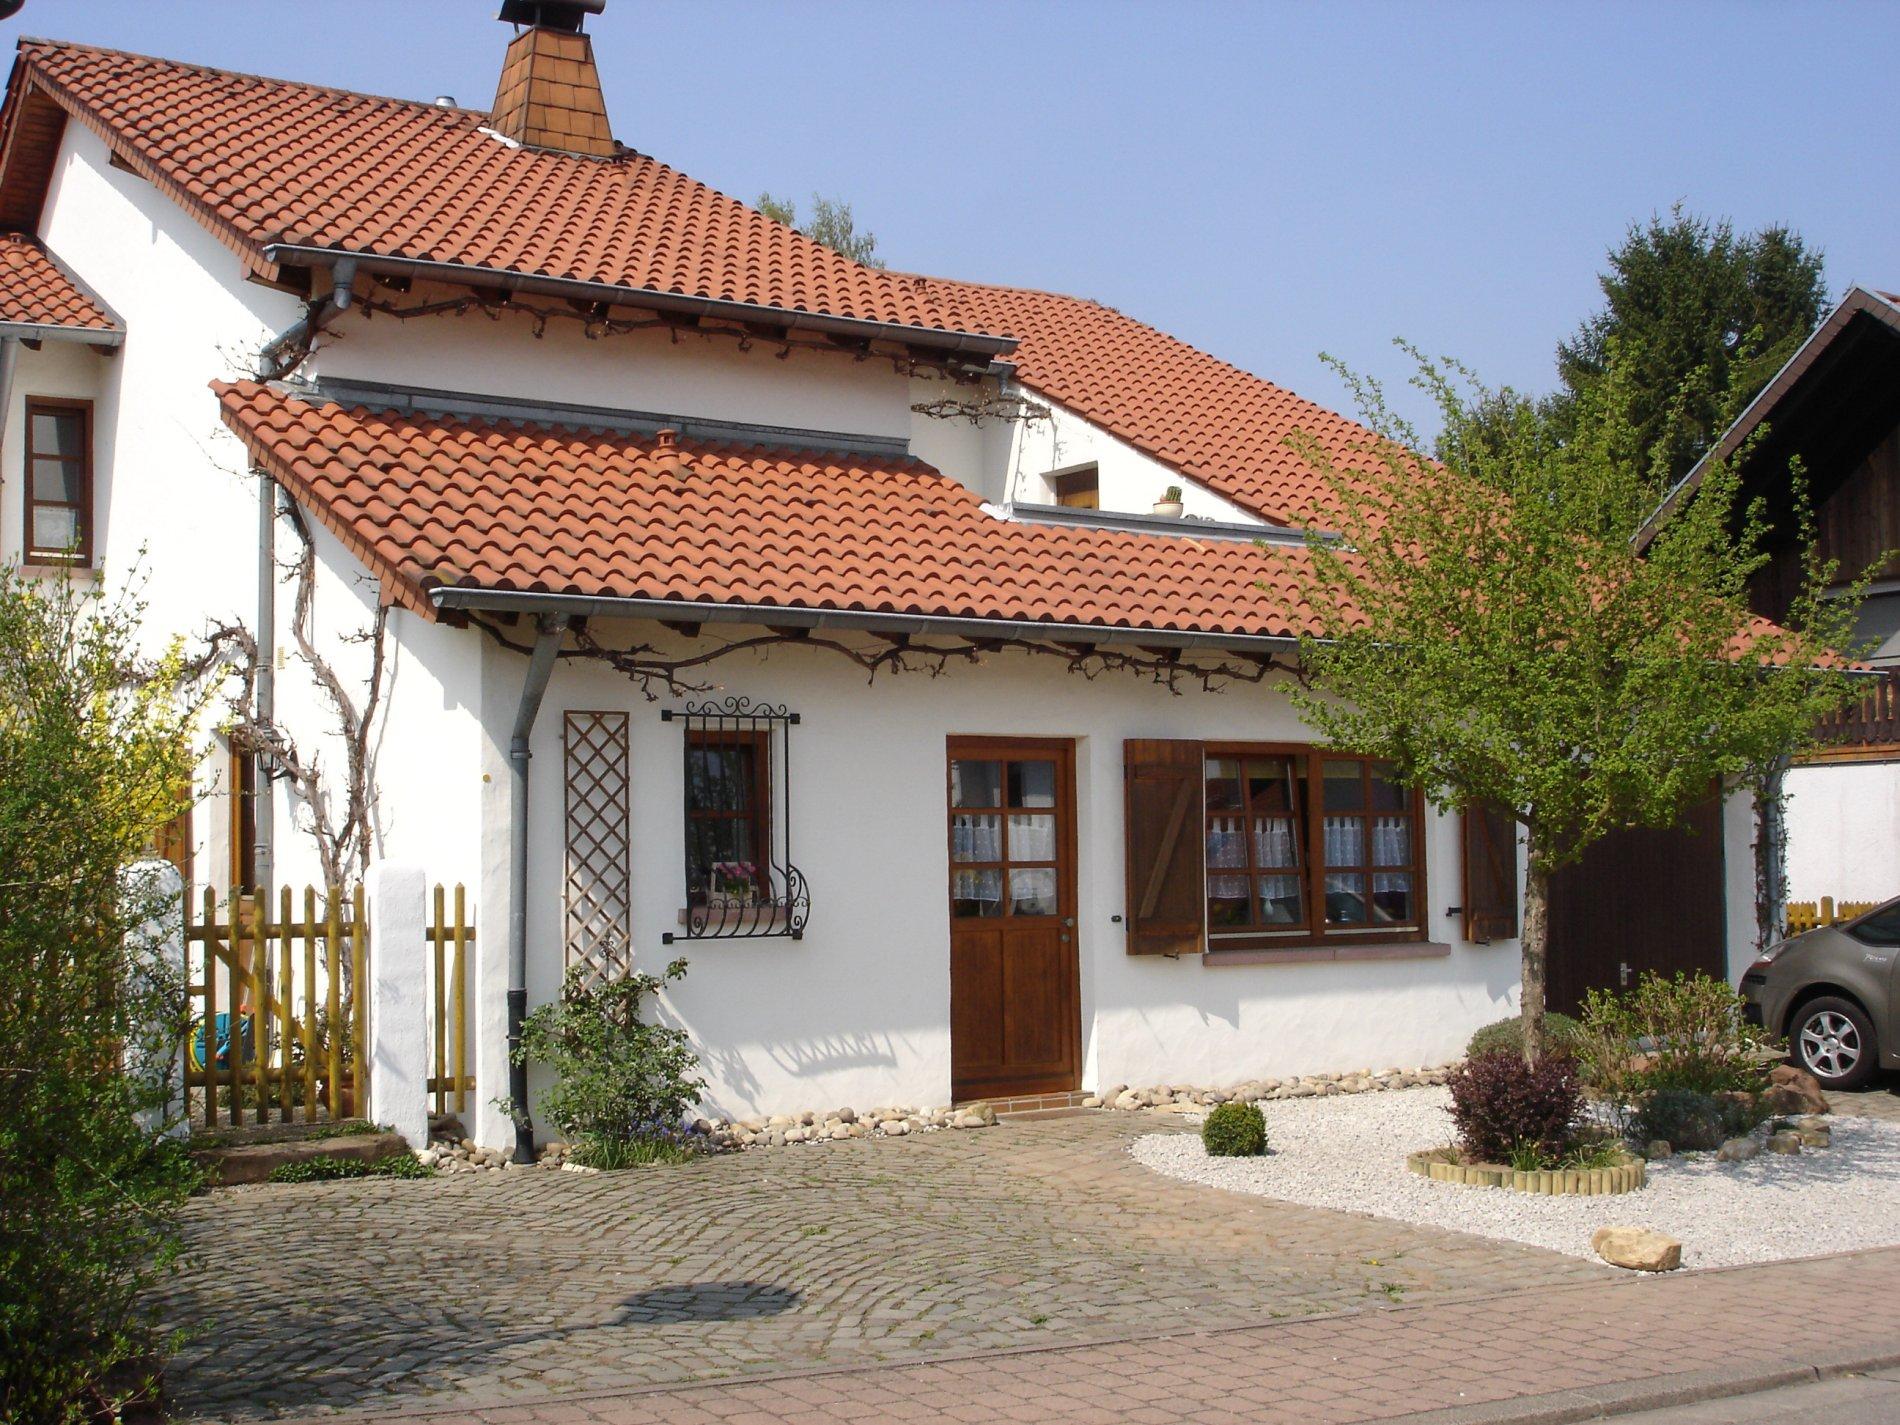 Ferienzimmer Hartmann in Homburg-Erbach